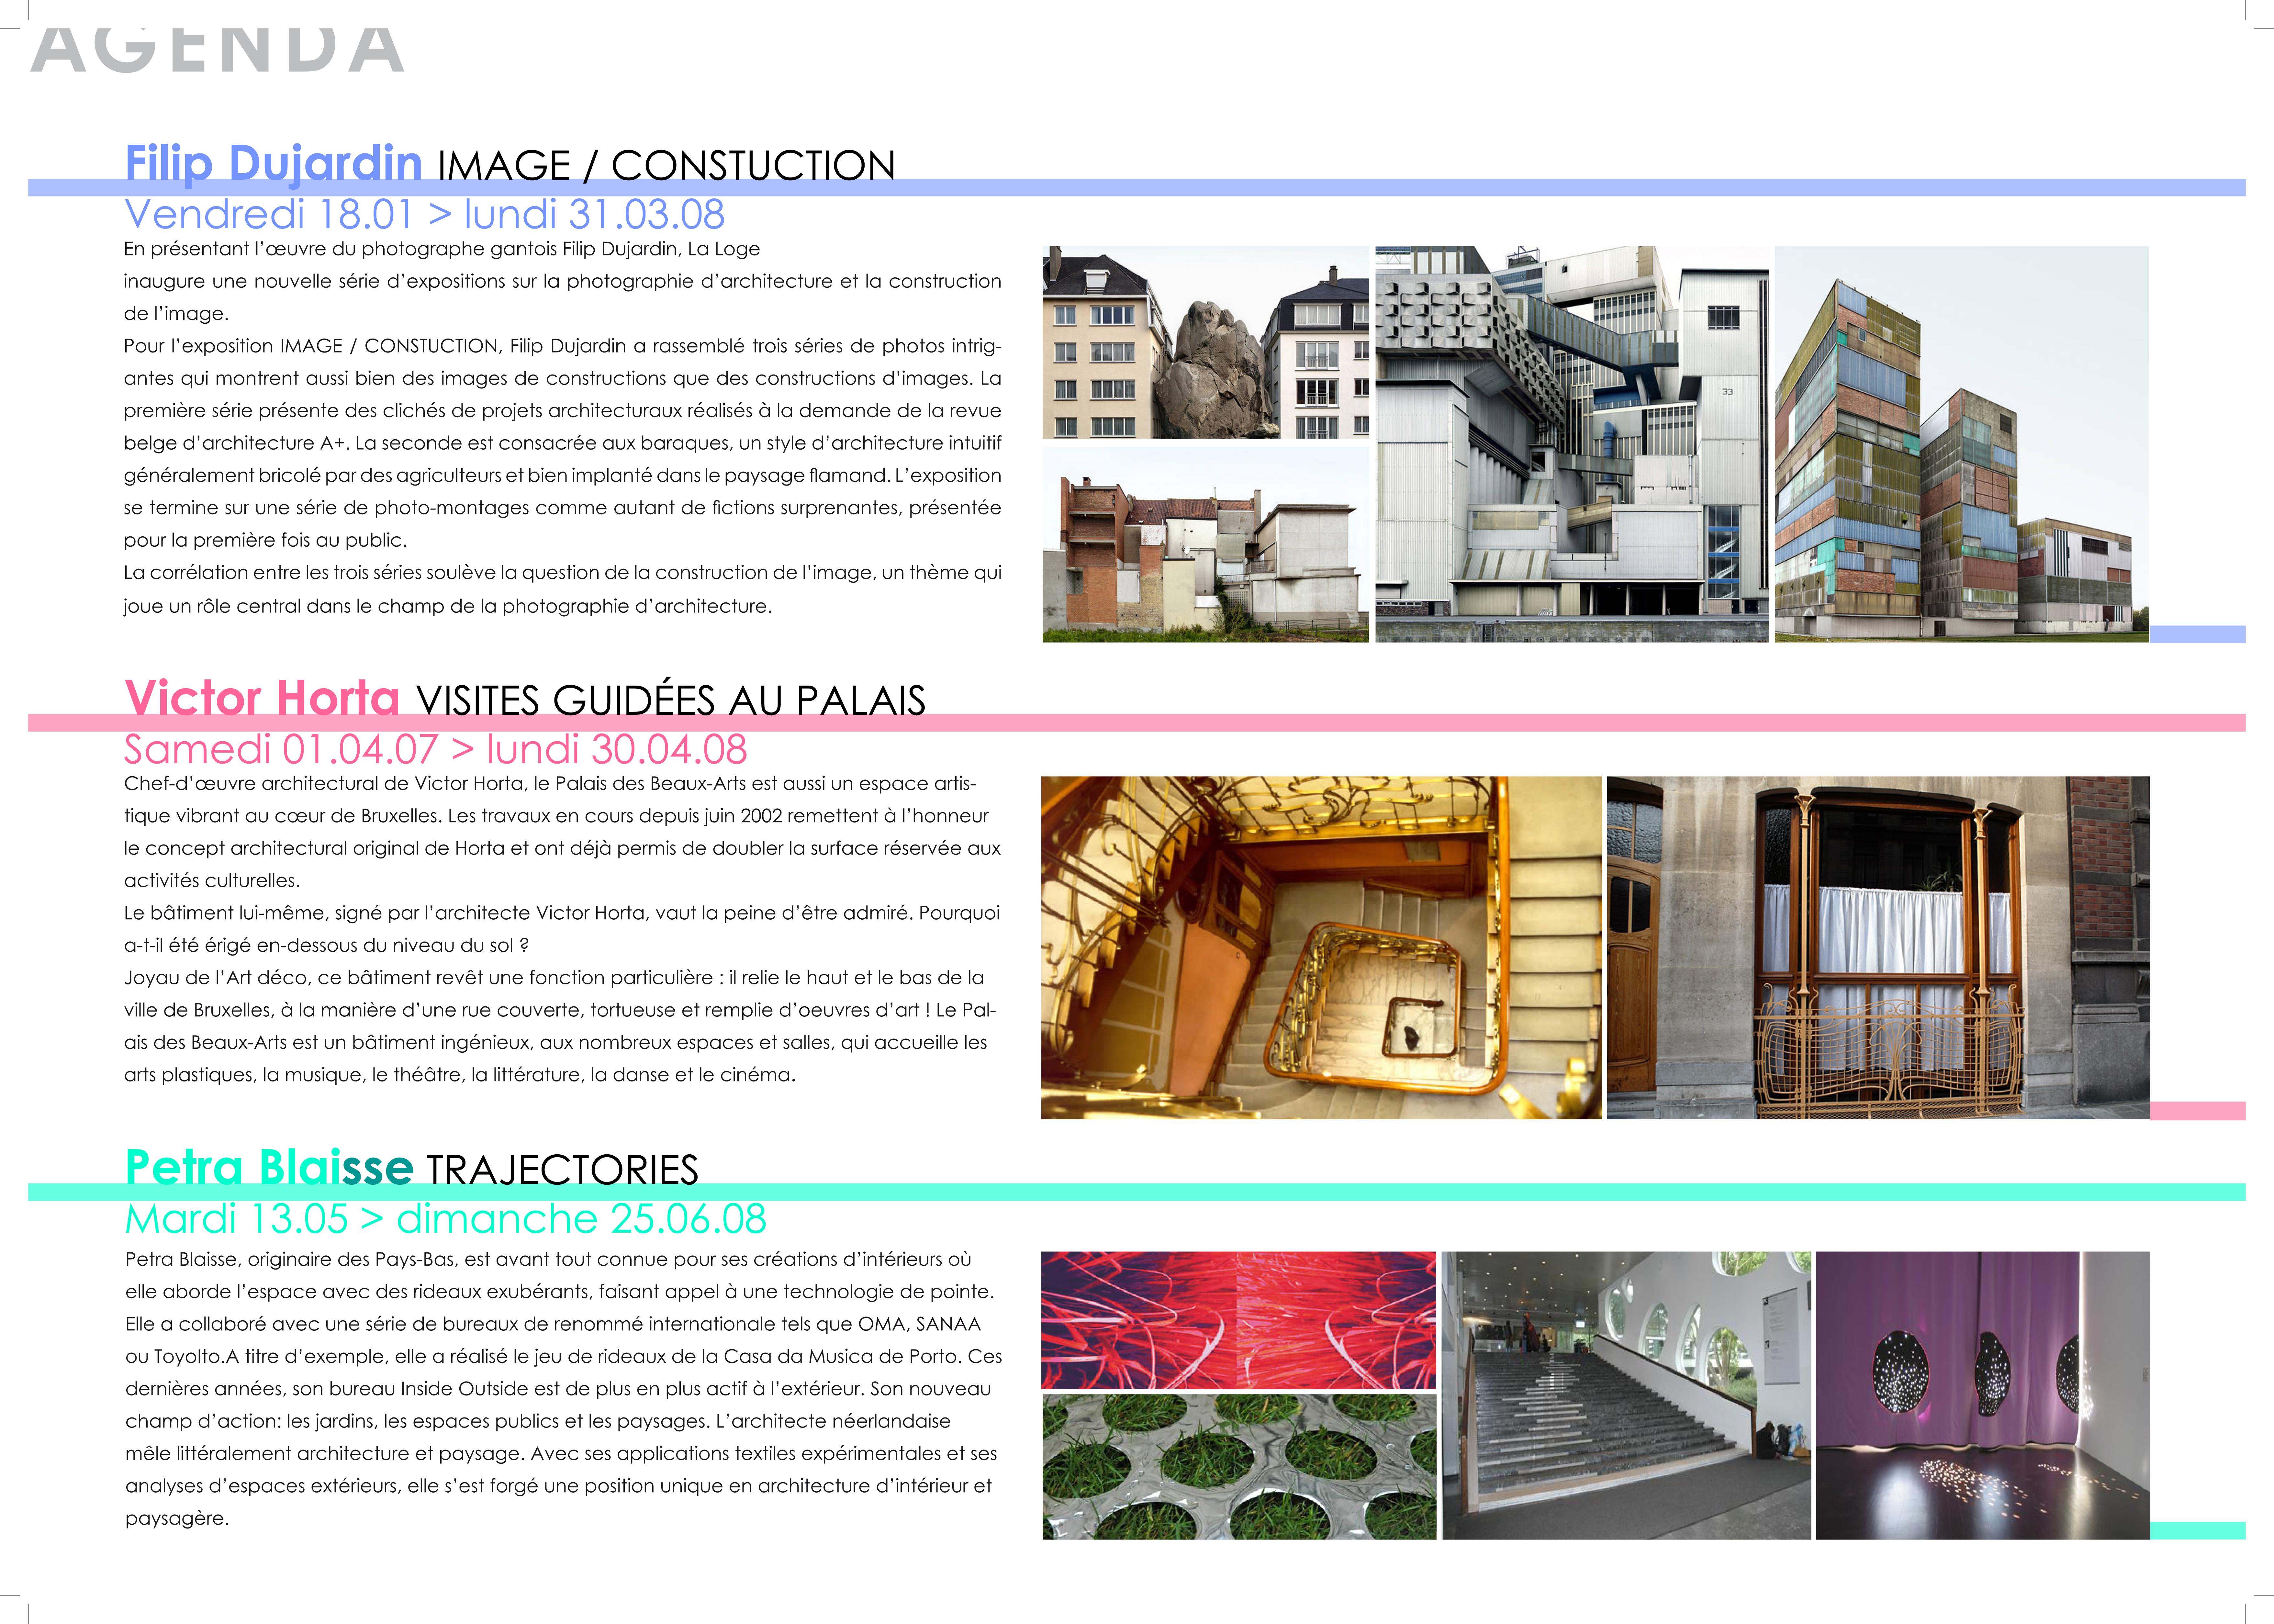 la loge architecture-2 2007